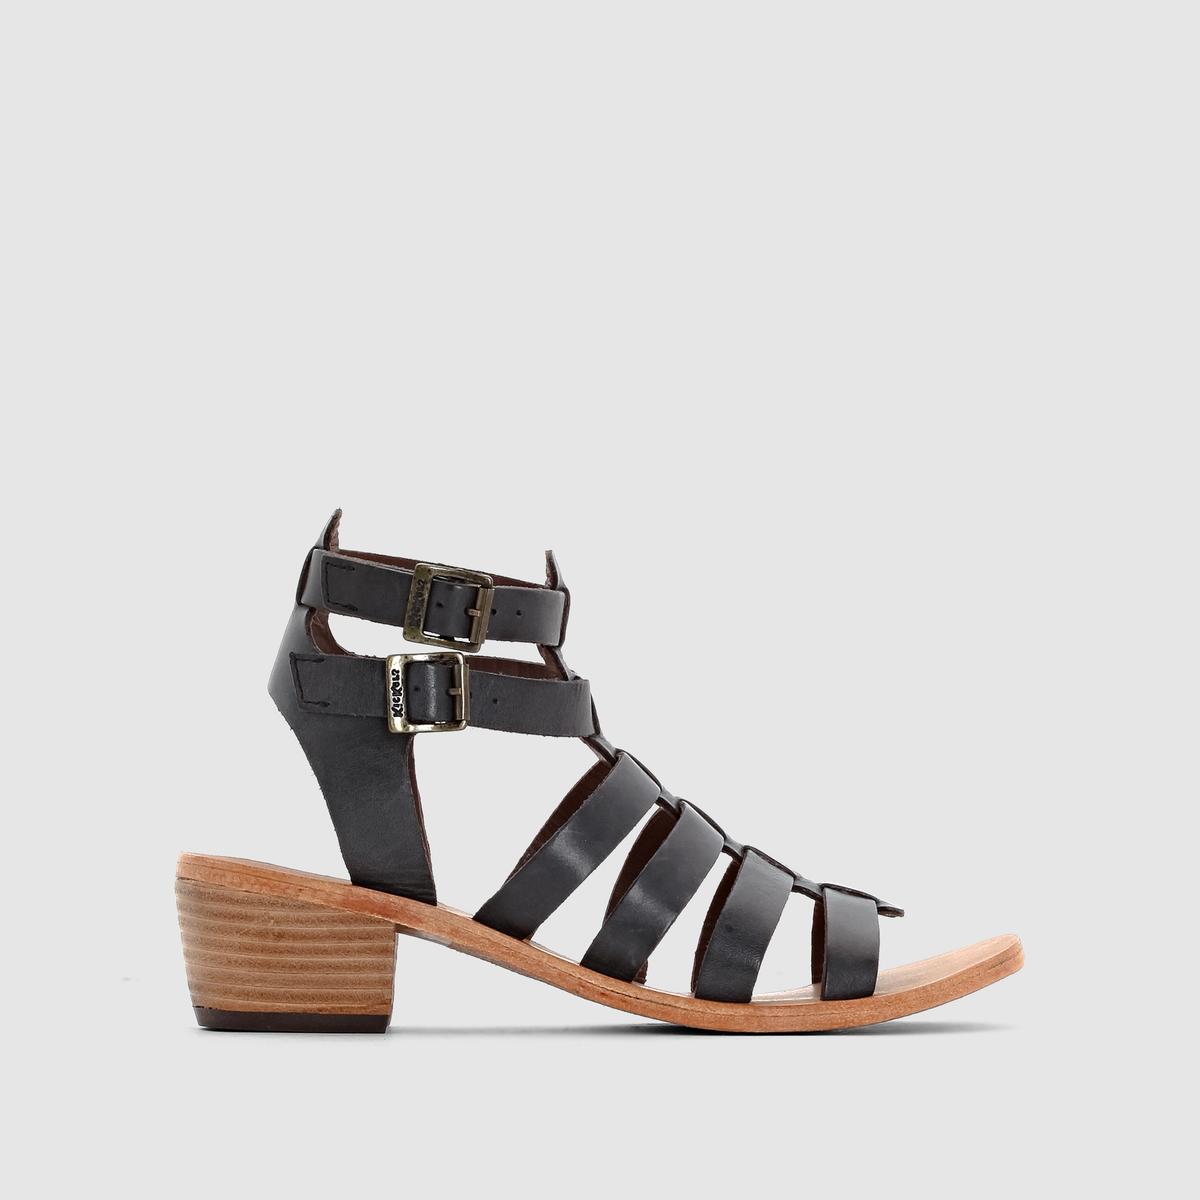 Босоножки кожаные на каблуке Khoala